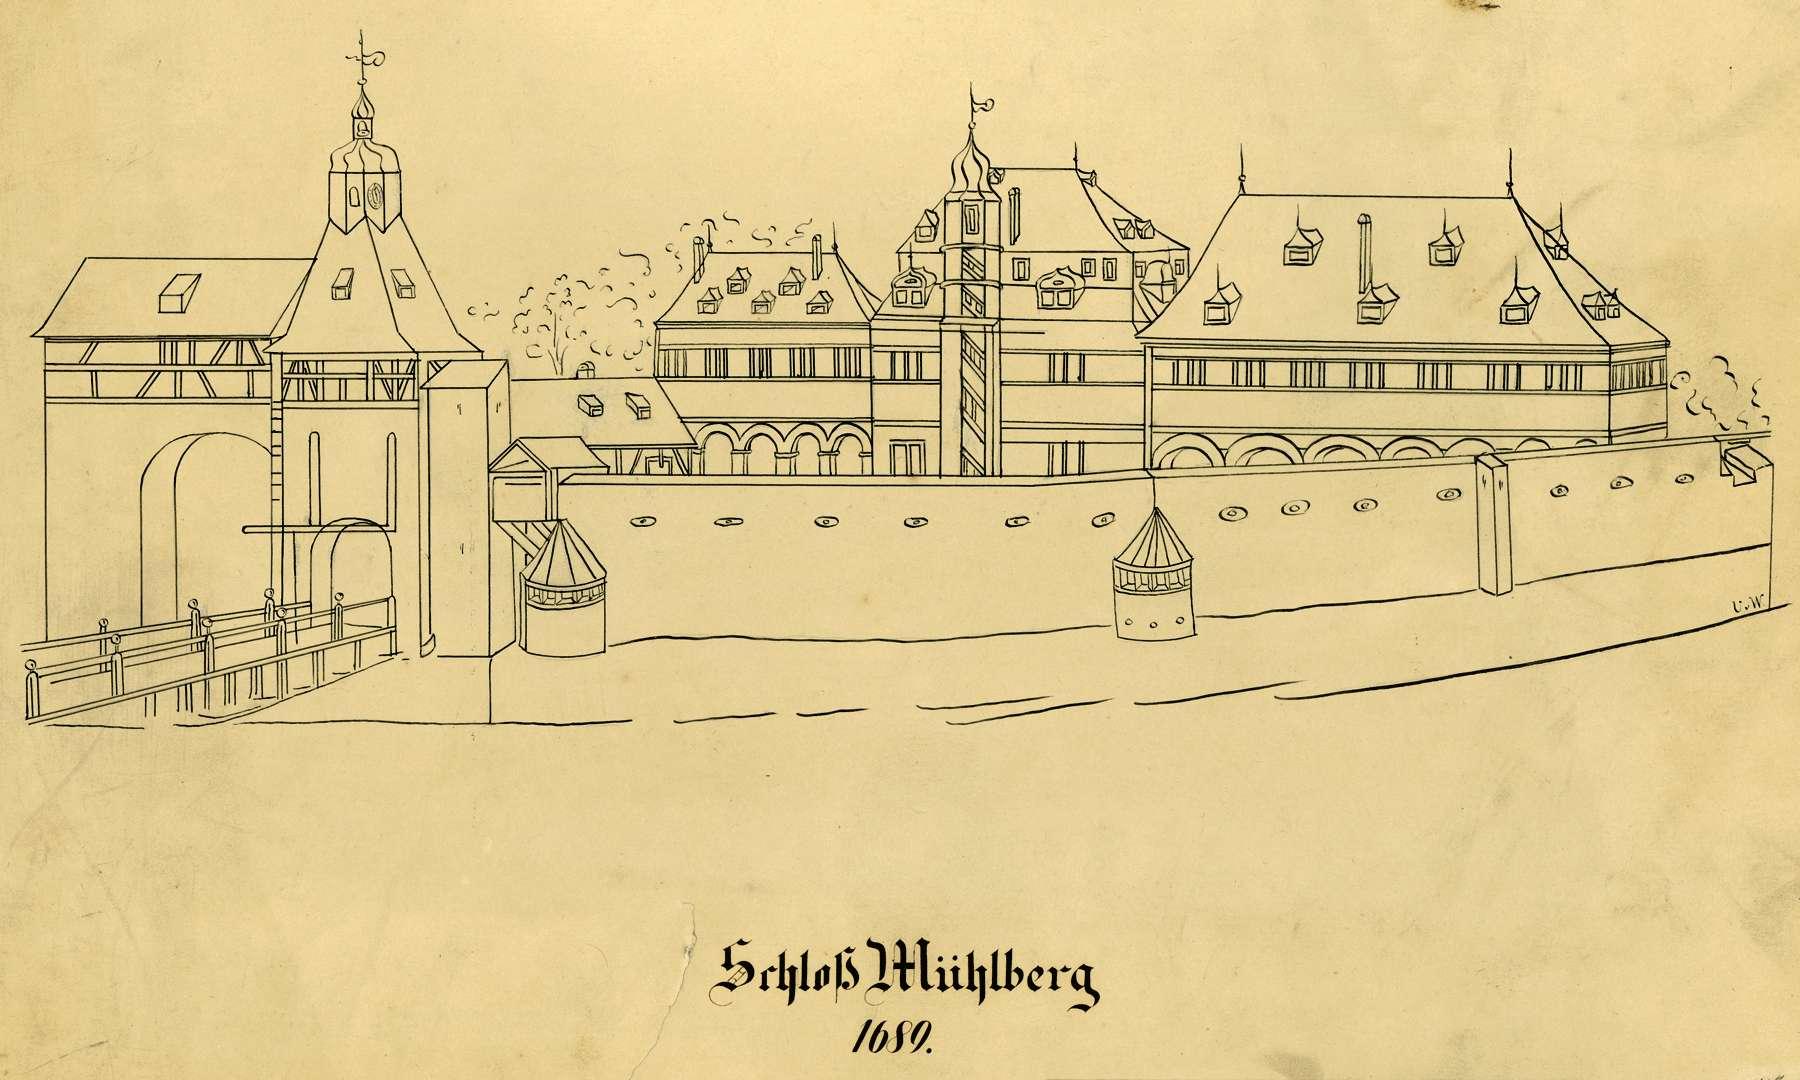 Schloß Mühlberg 1689, Bild 1